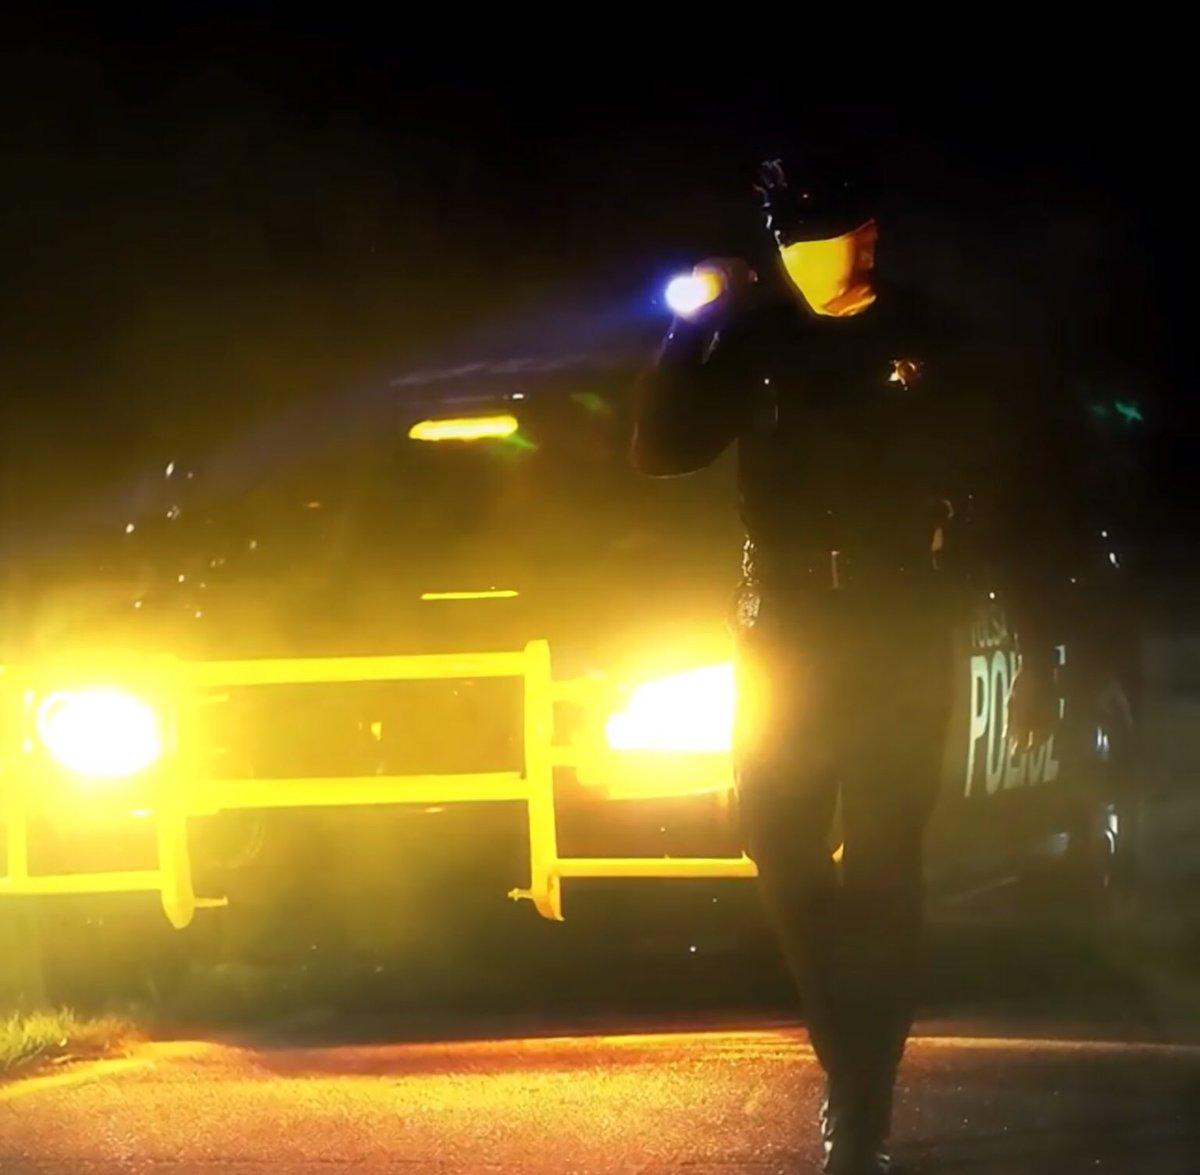 Hbo/ Watchmen/Snyder quitte la série/Damon Lindelof - Page 3 Dsd_4sXXgAYFCPo